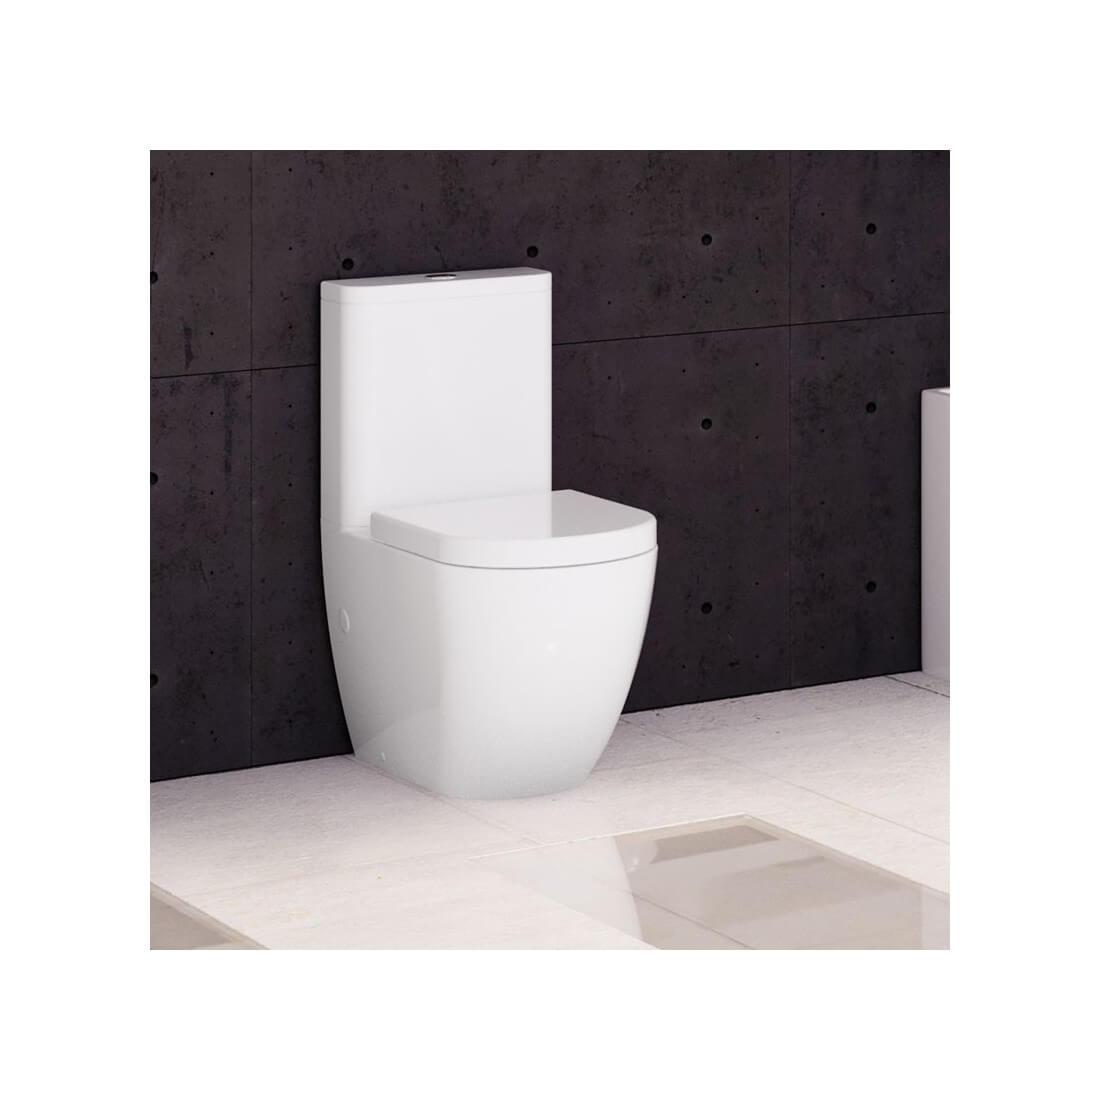 ▷ Comprar vaso sanitário moderno Verona com saída dupla ao melhor preço